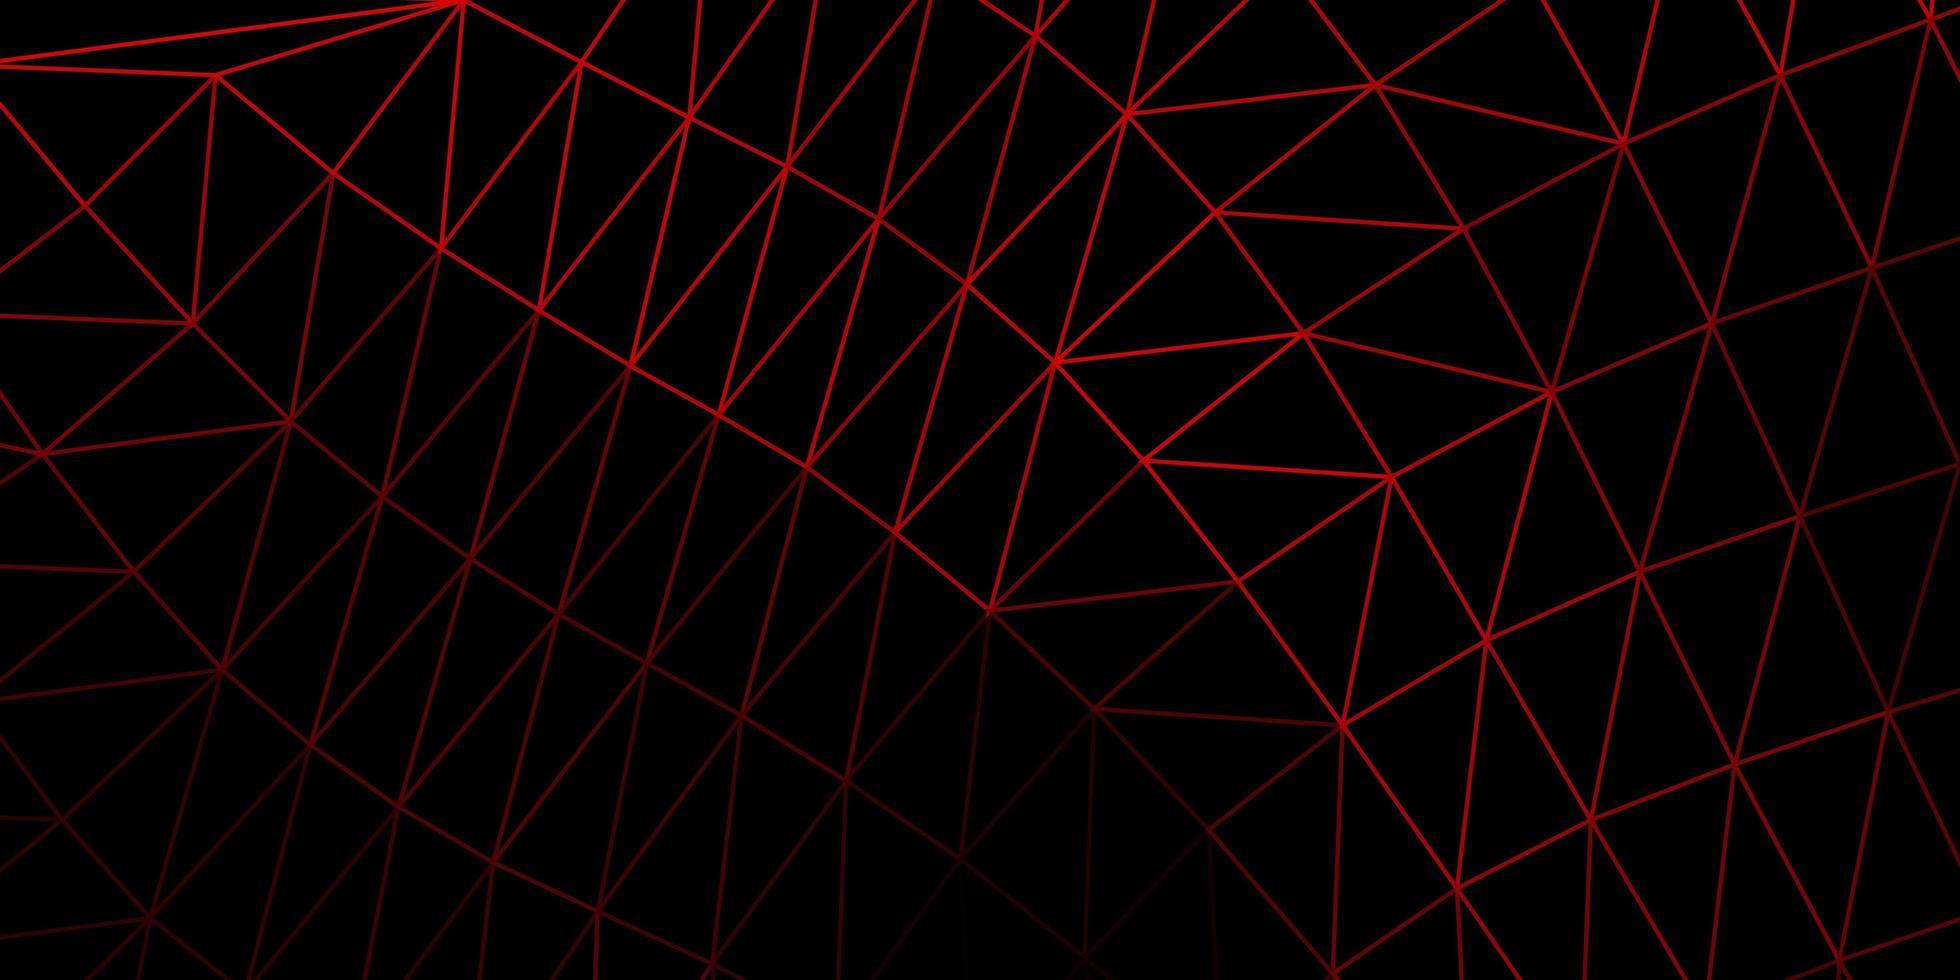 struttura del triangolo poli rosso scuro. vettore